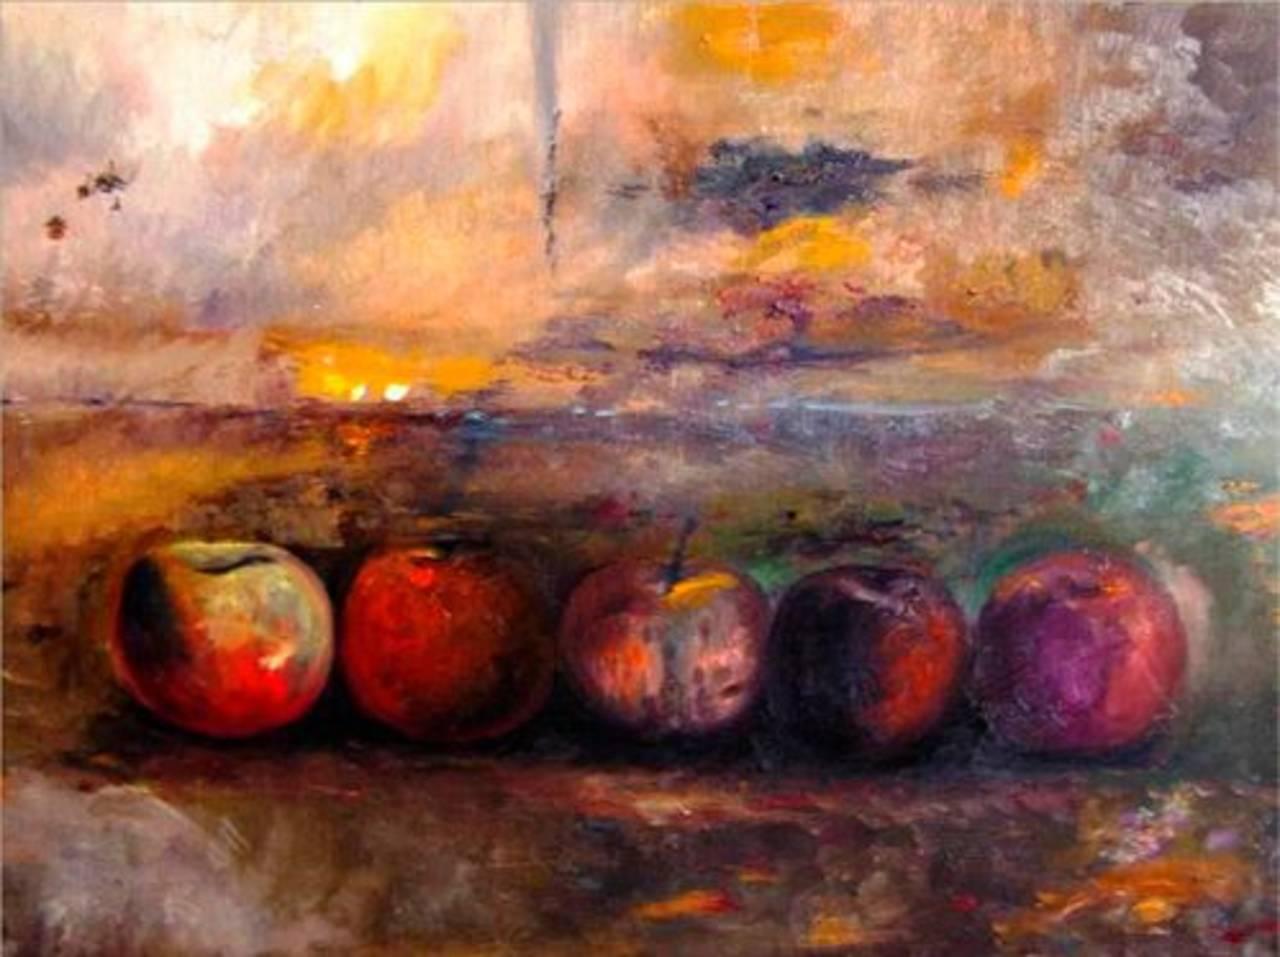 Los colores de las manzanas